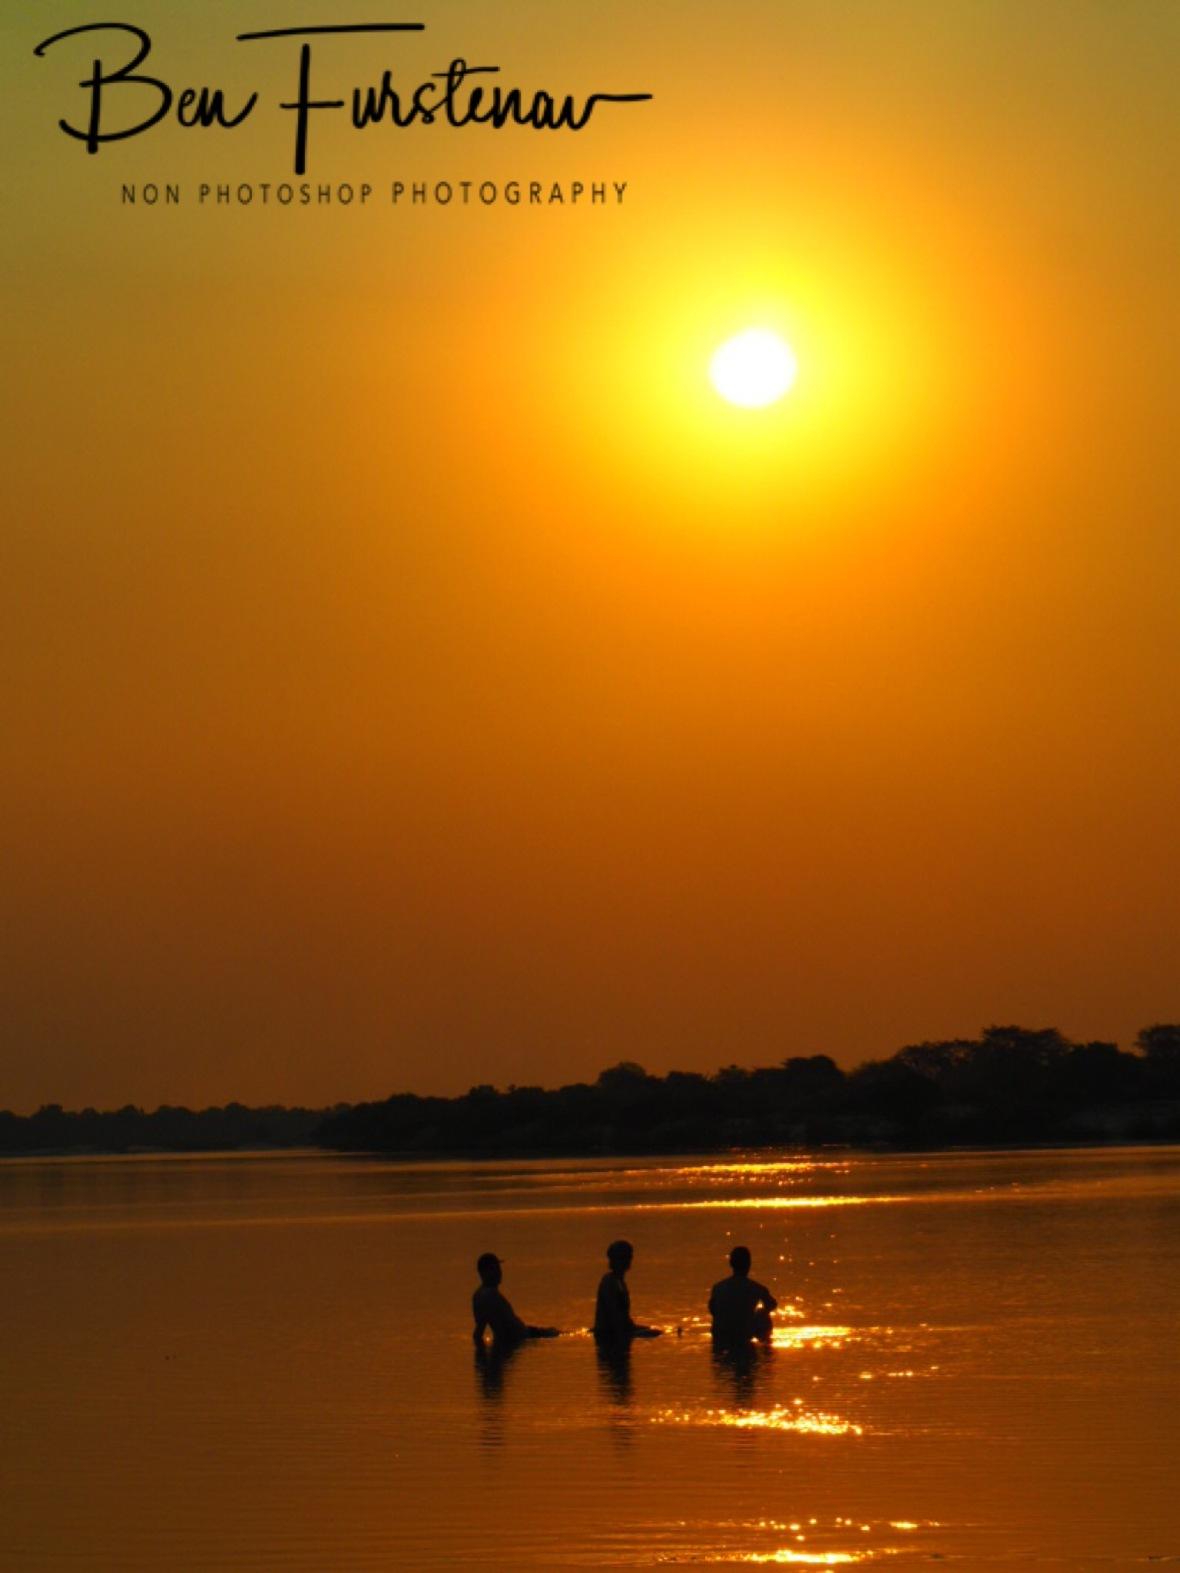 Sunset over the Zambezi River, Katima Mulilo, Namibia